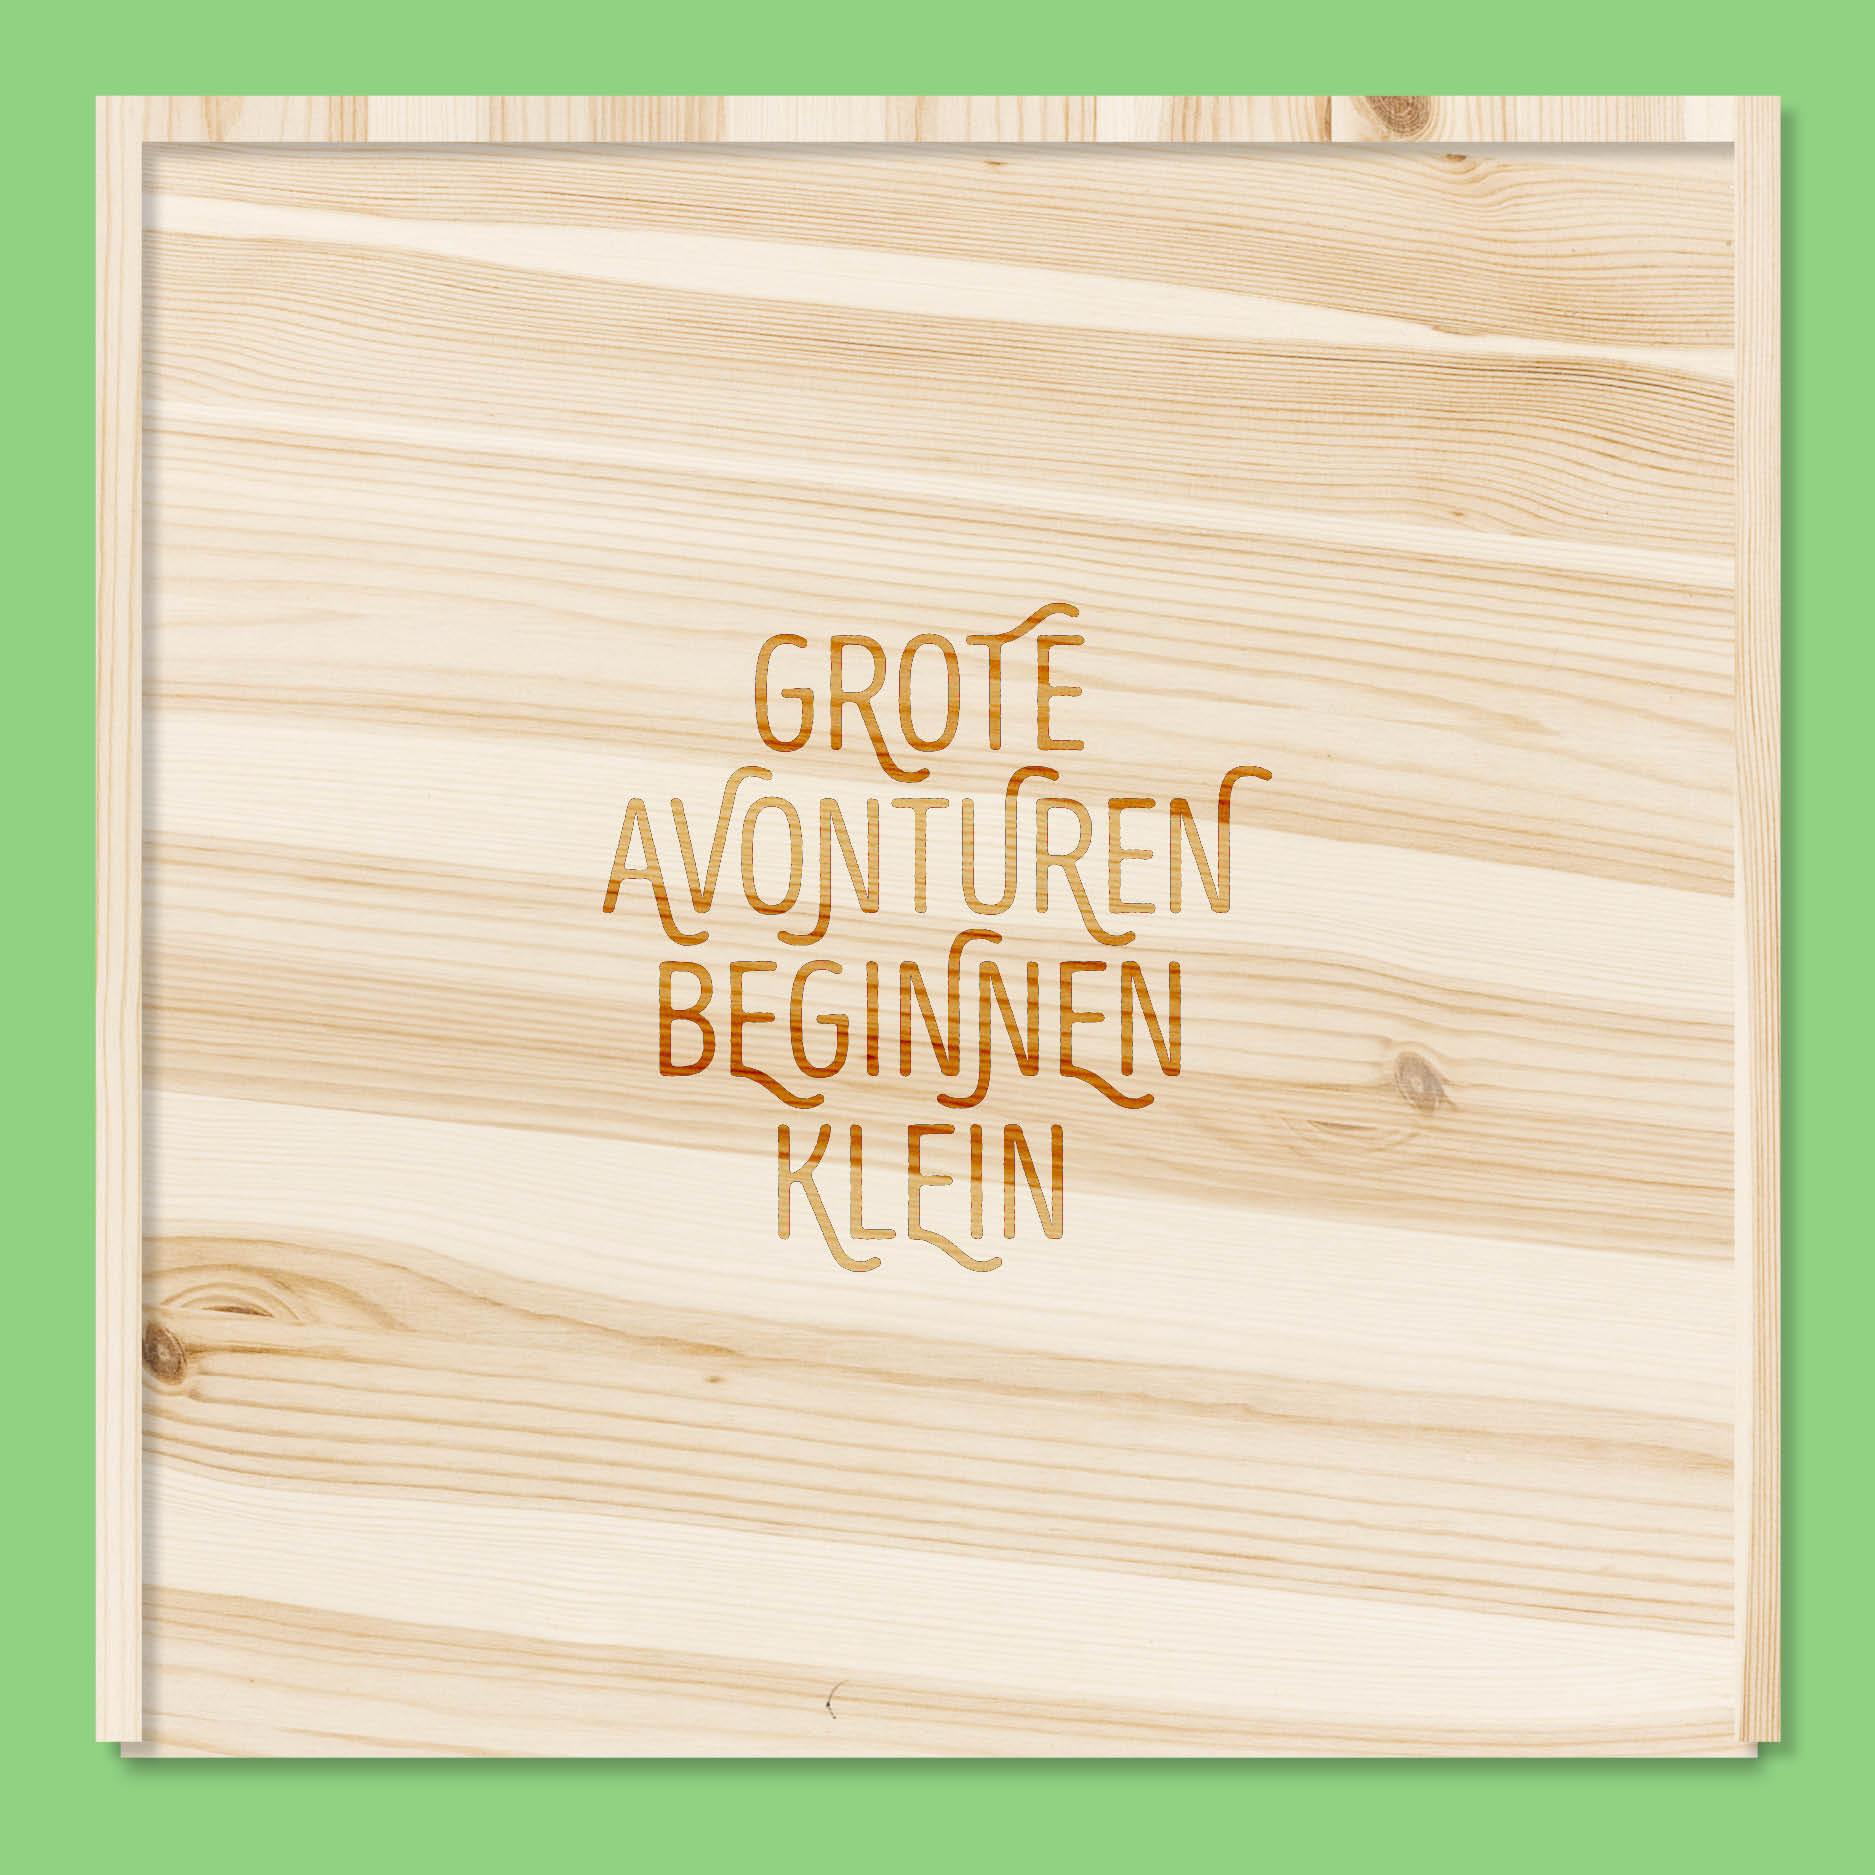 Grote avonturen beginnen klein // houten doos